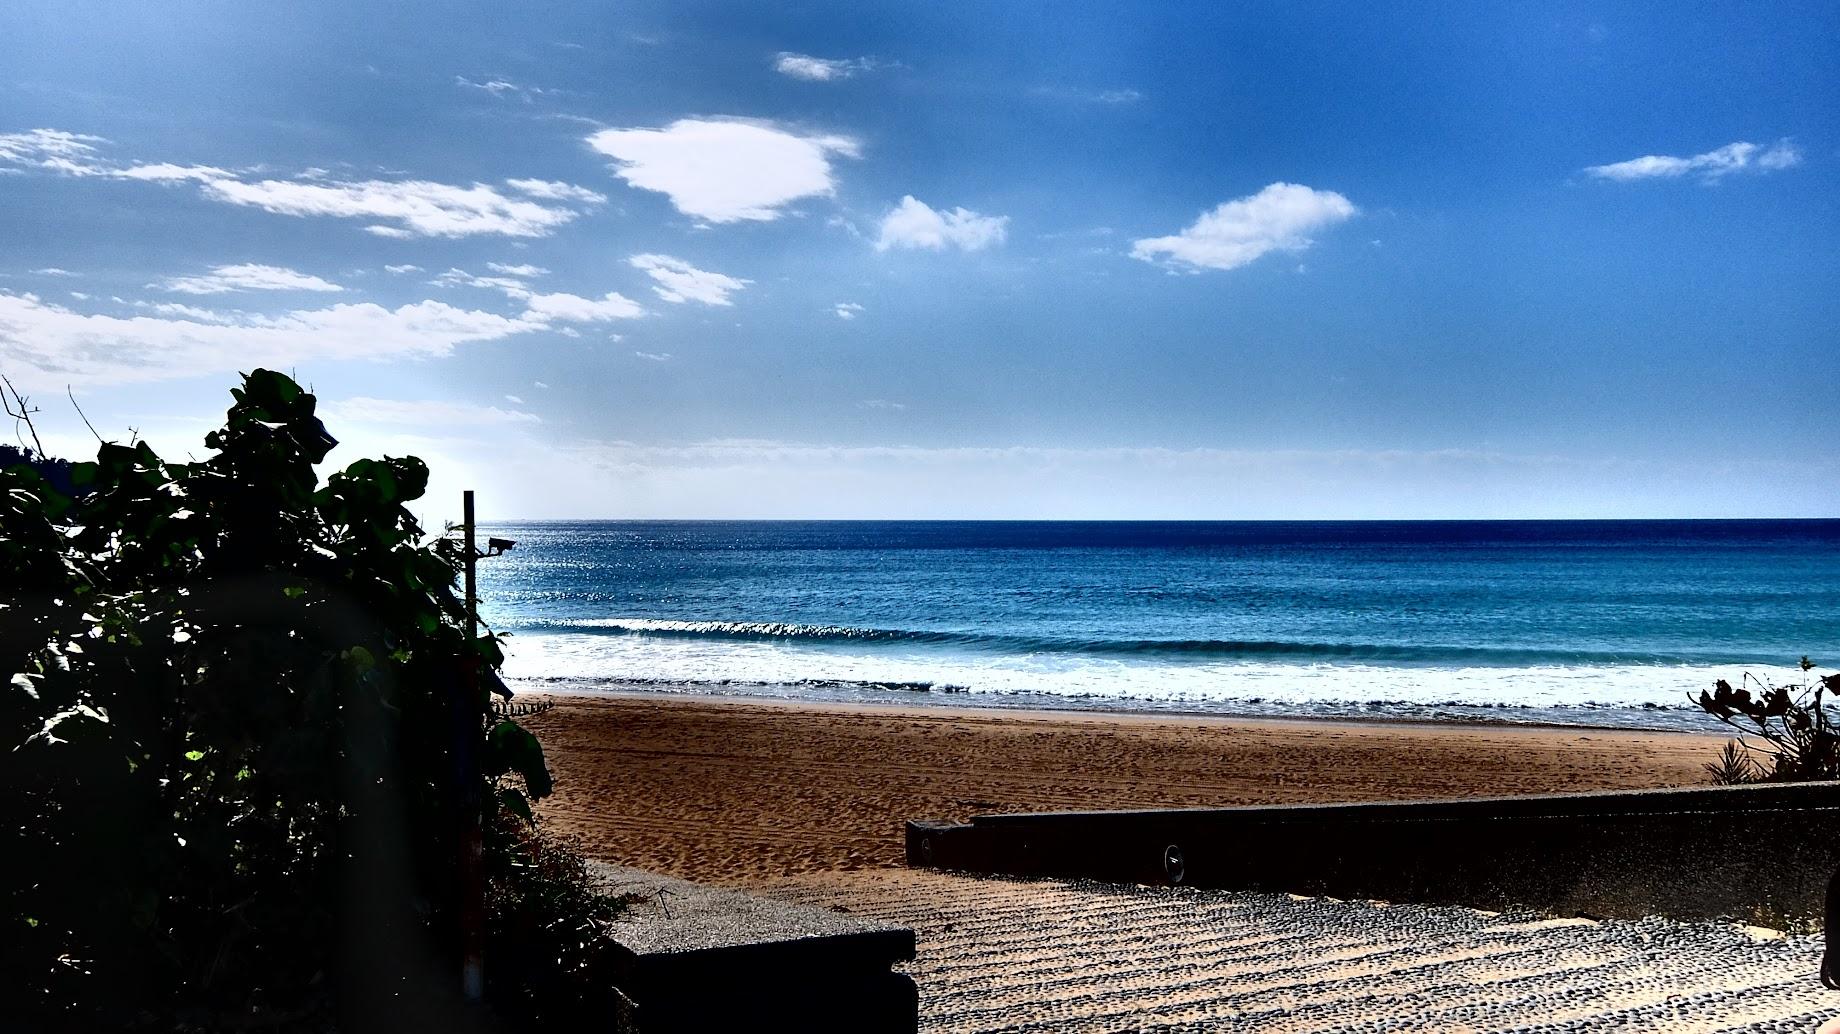 走到末端就可以看到一整片藍藍的海